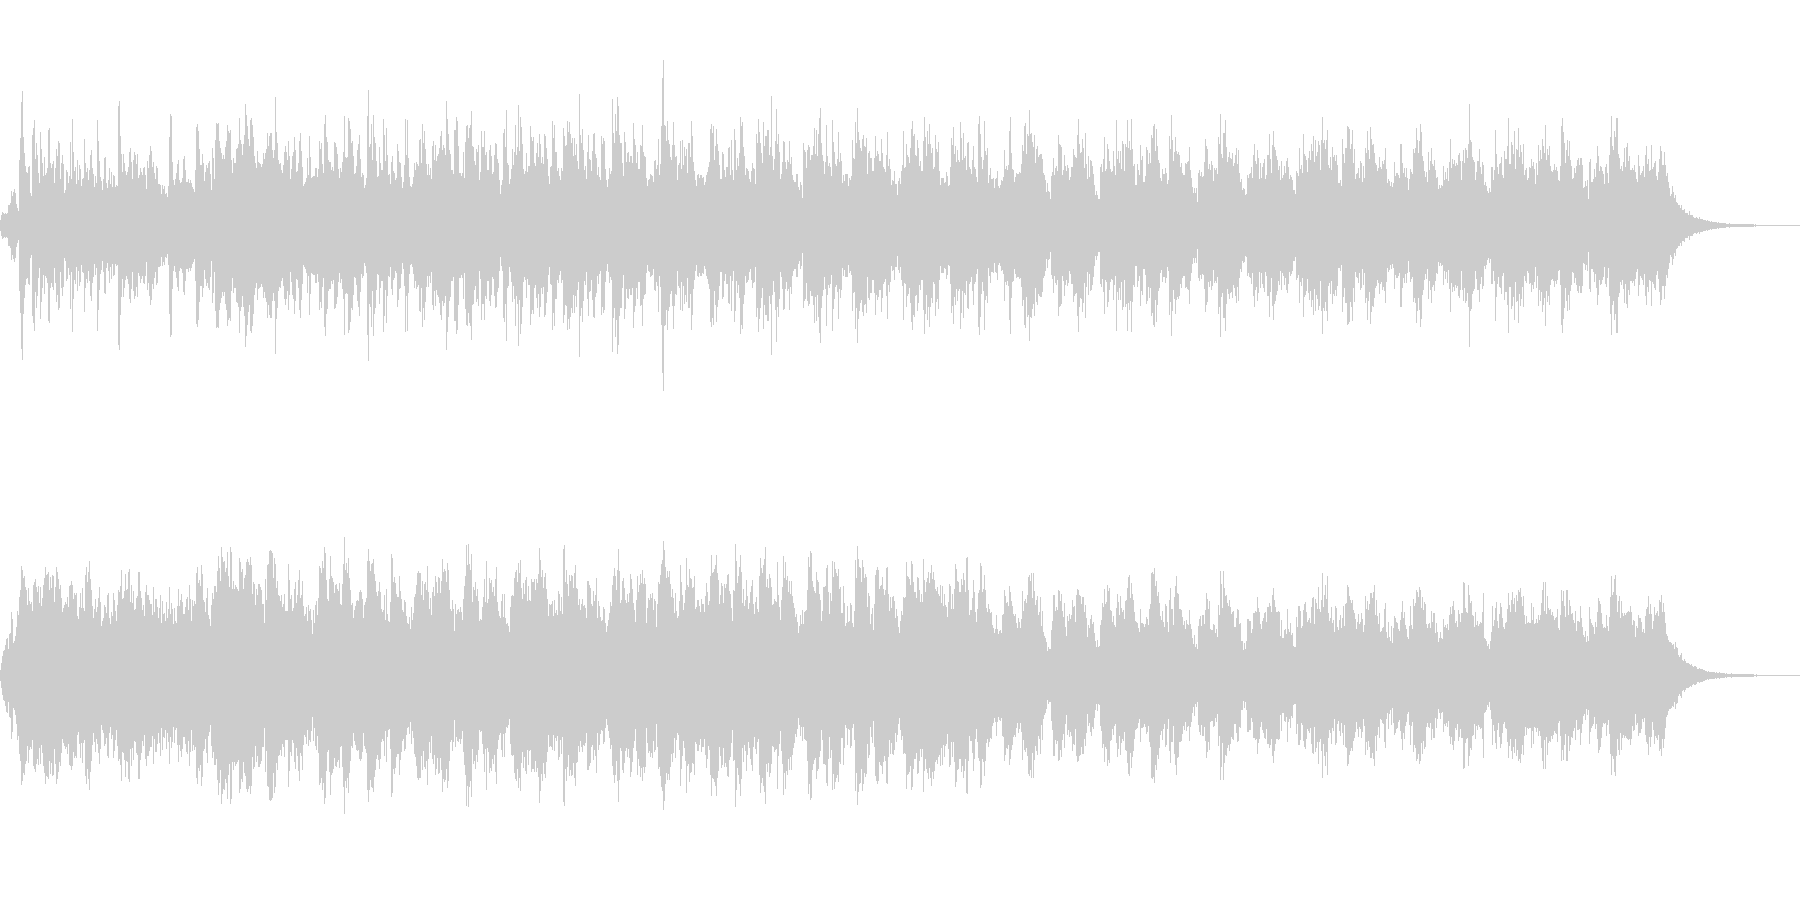 エスニックなアンビエントサウンドスケープの未再生の波形